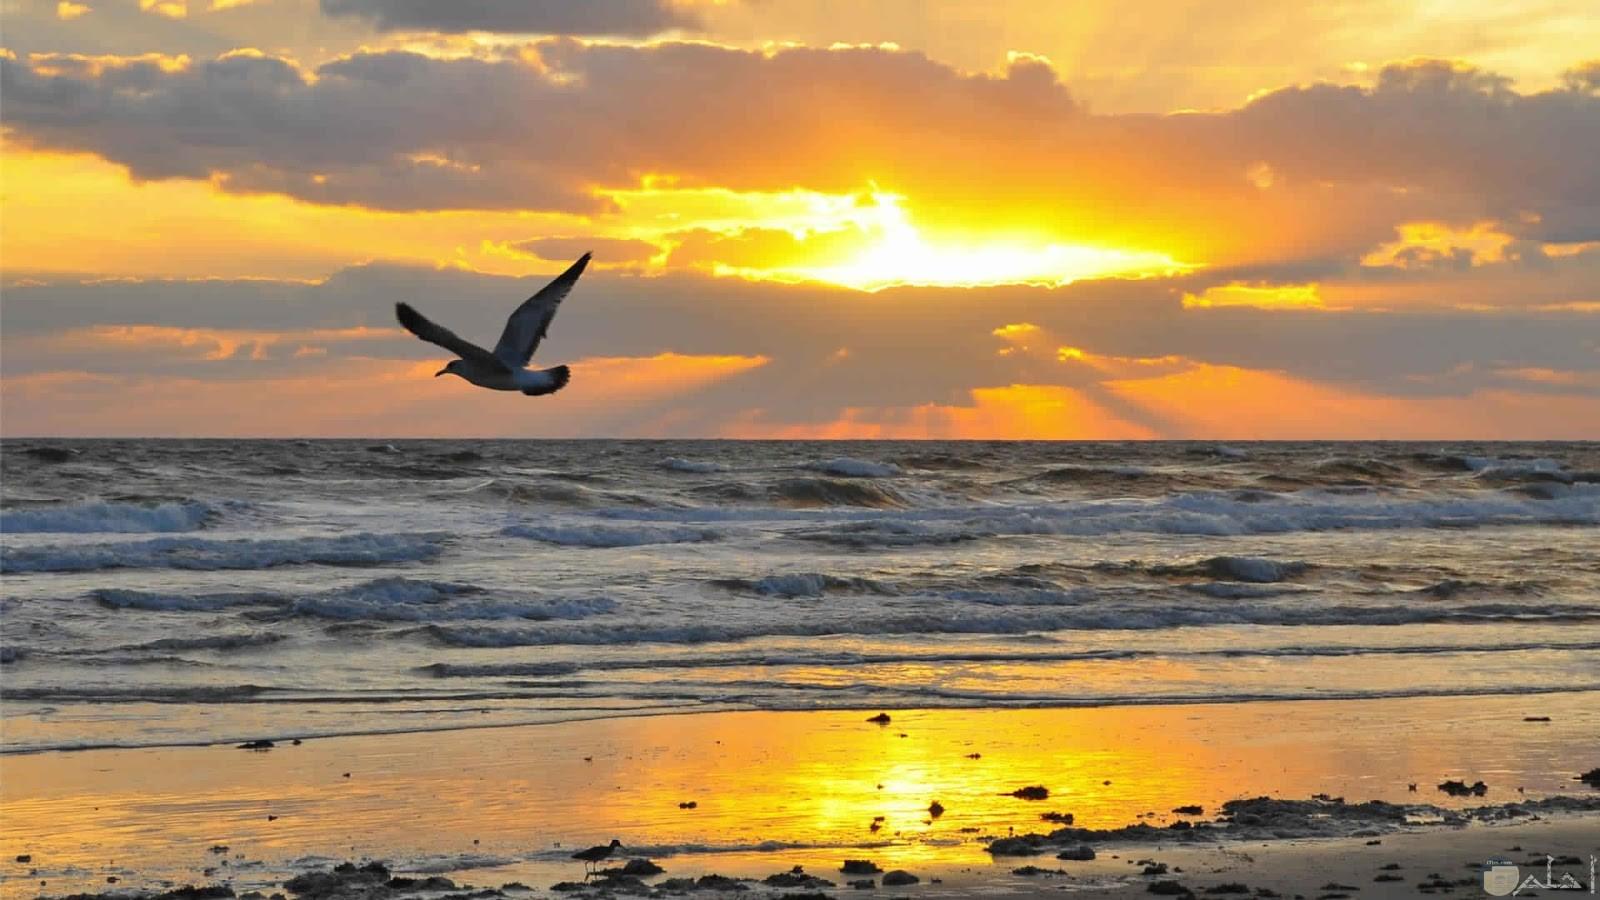 صورة لشروق الشمس و فرحة الطير.